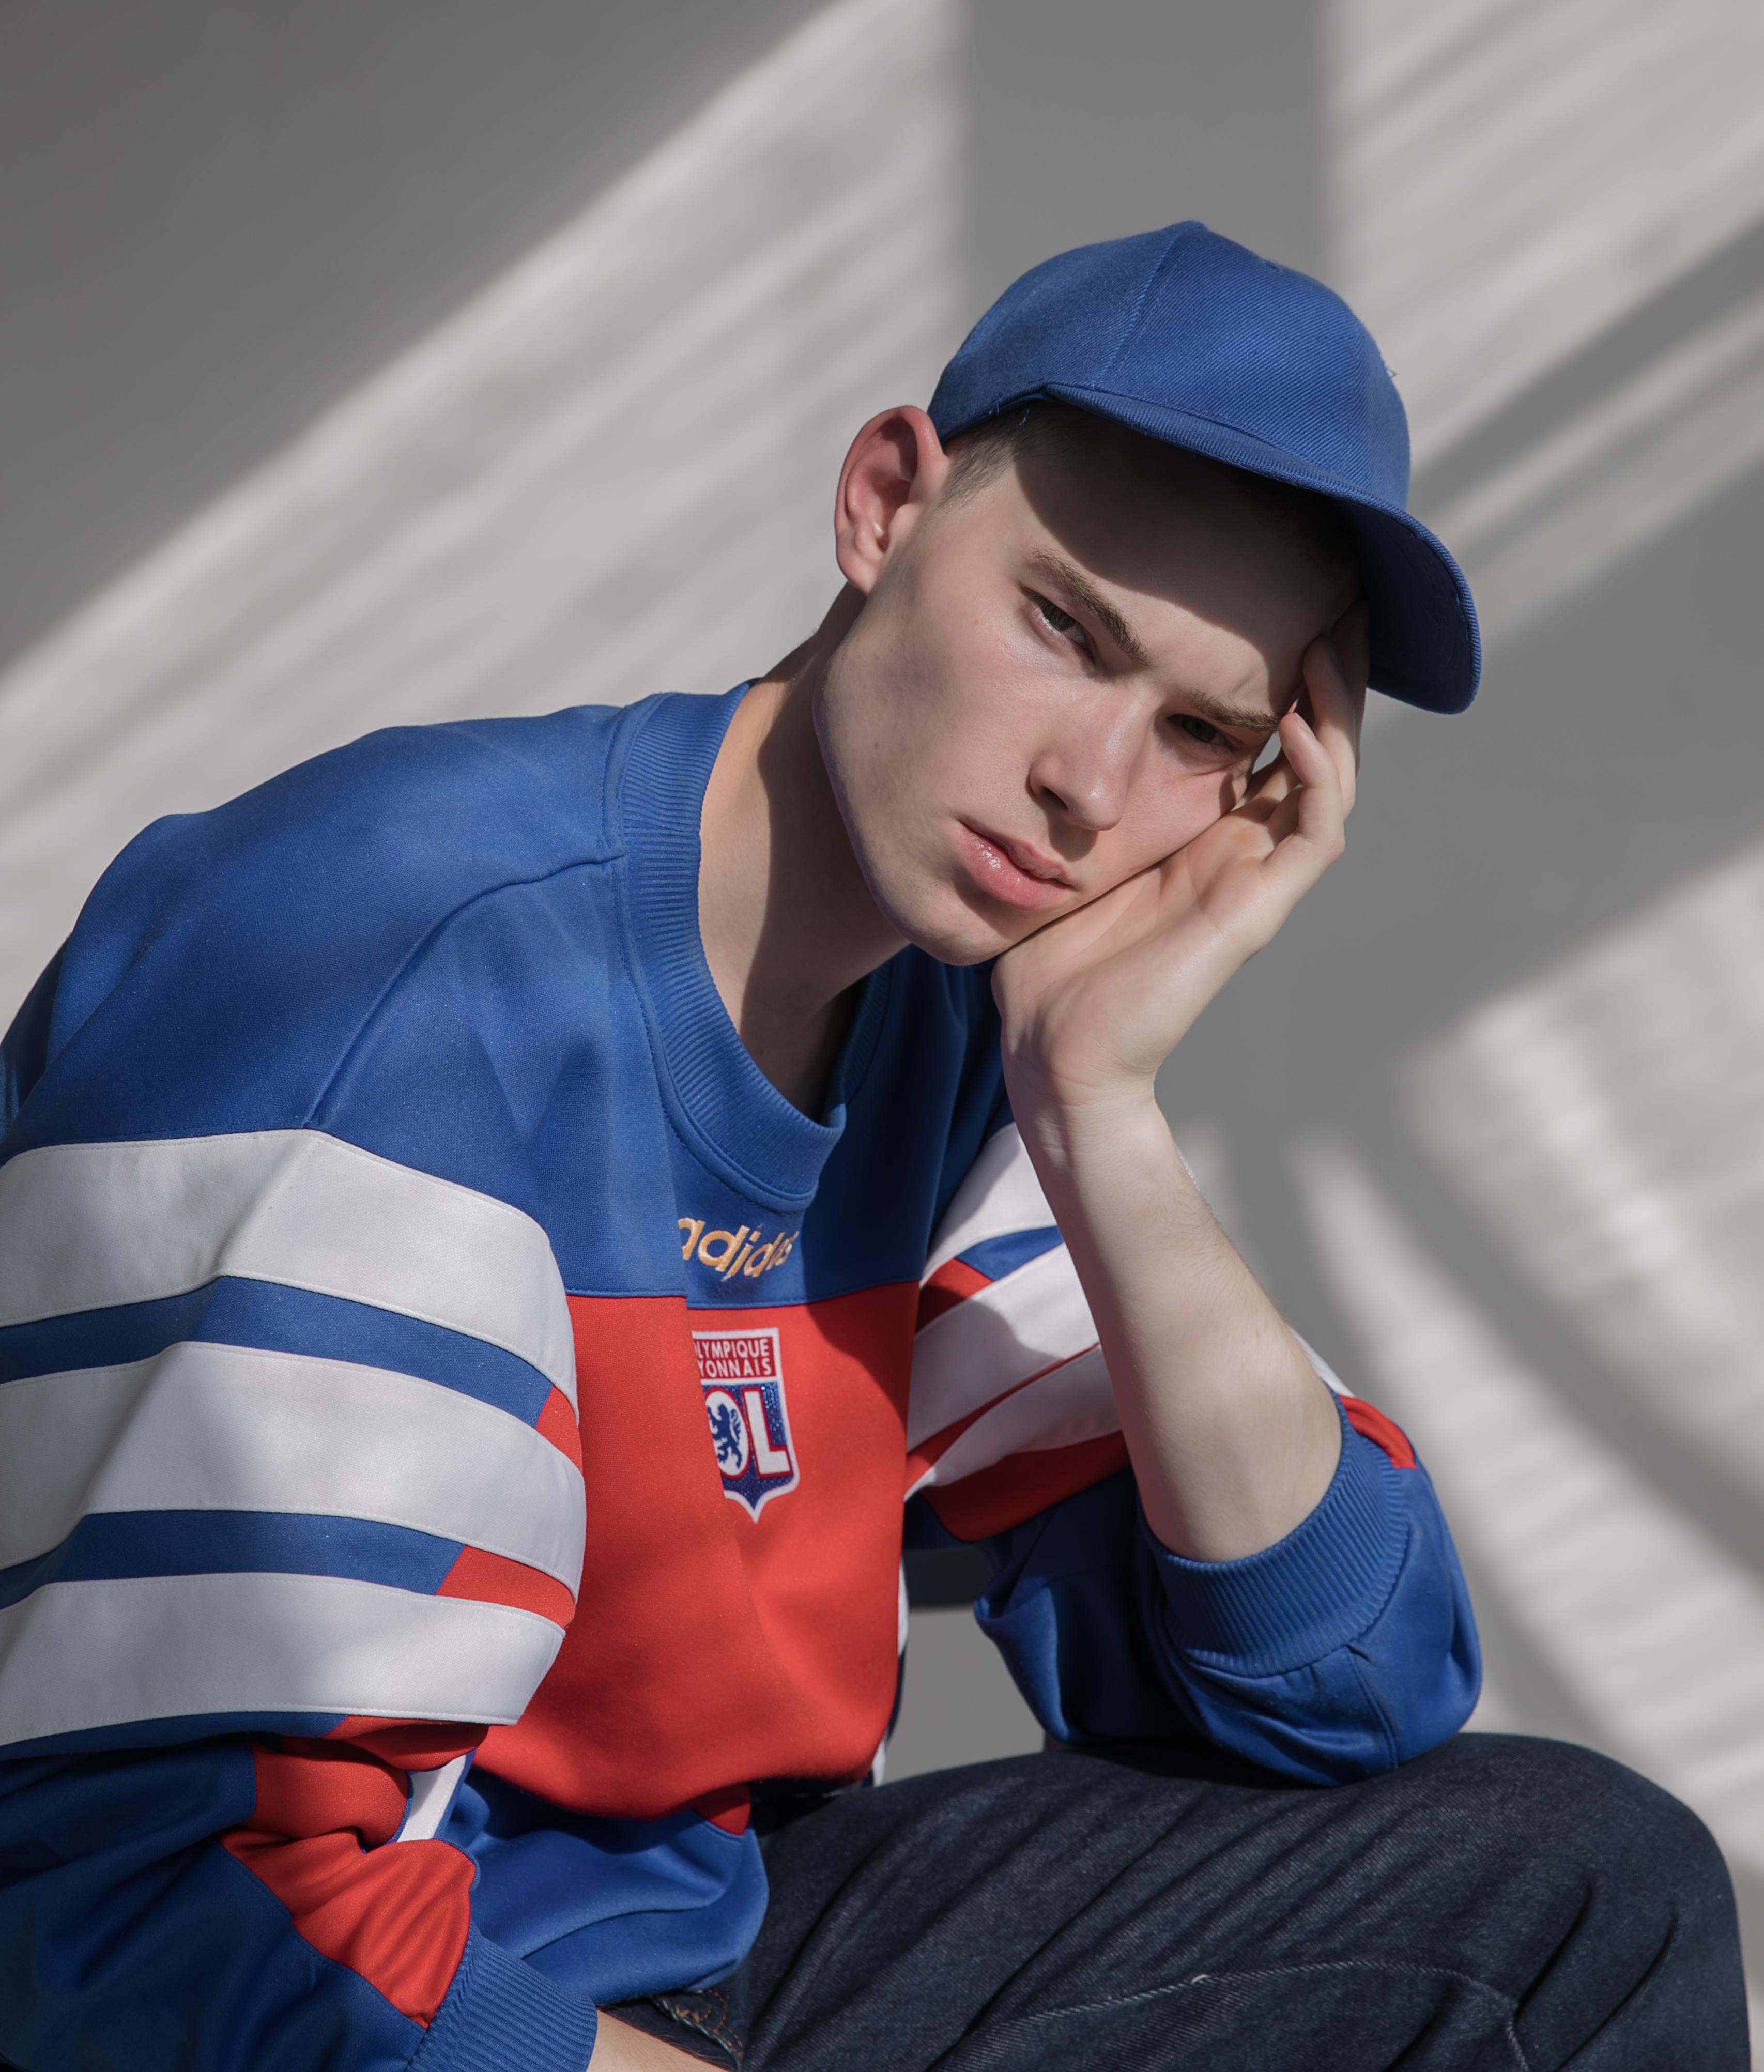 Kid Bykovskii